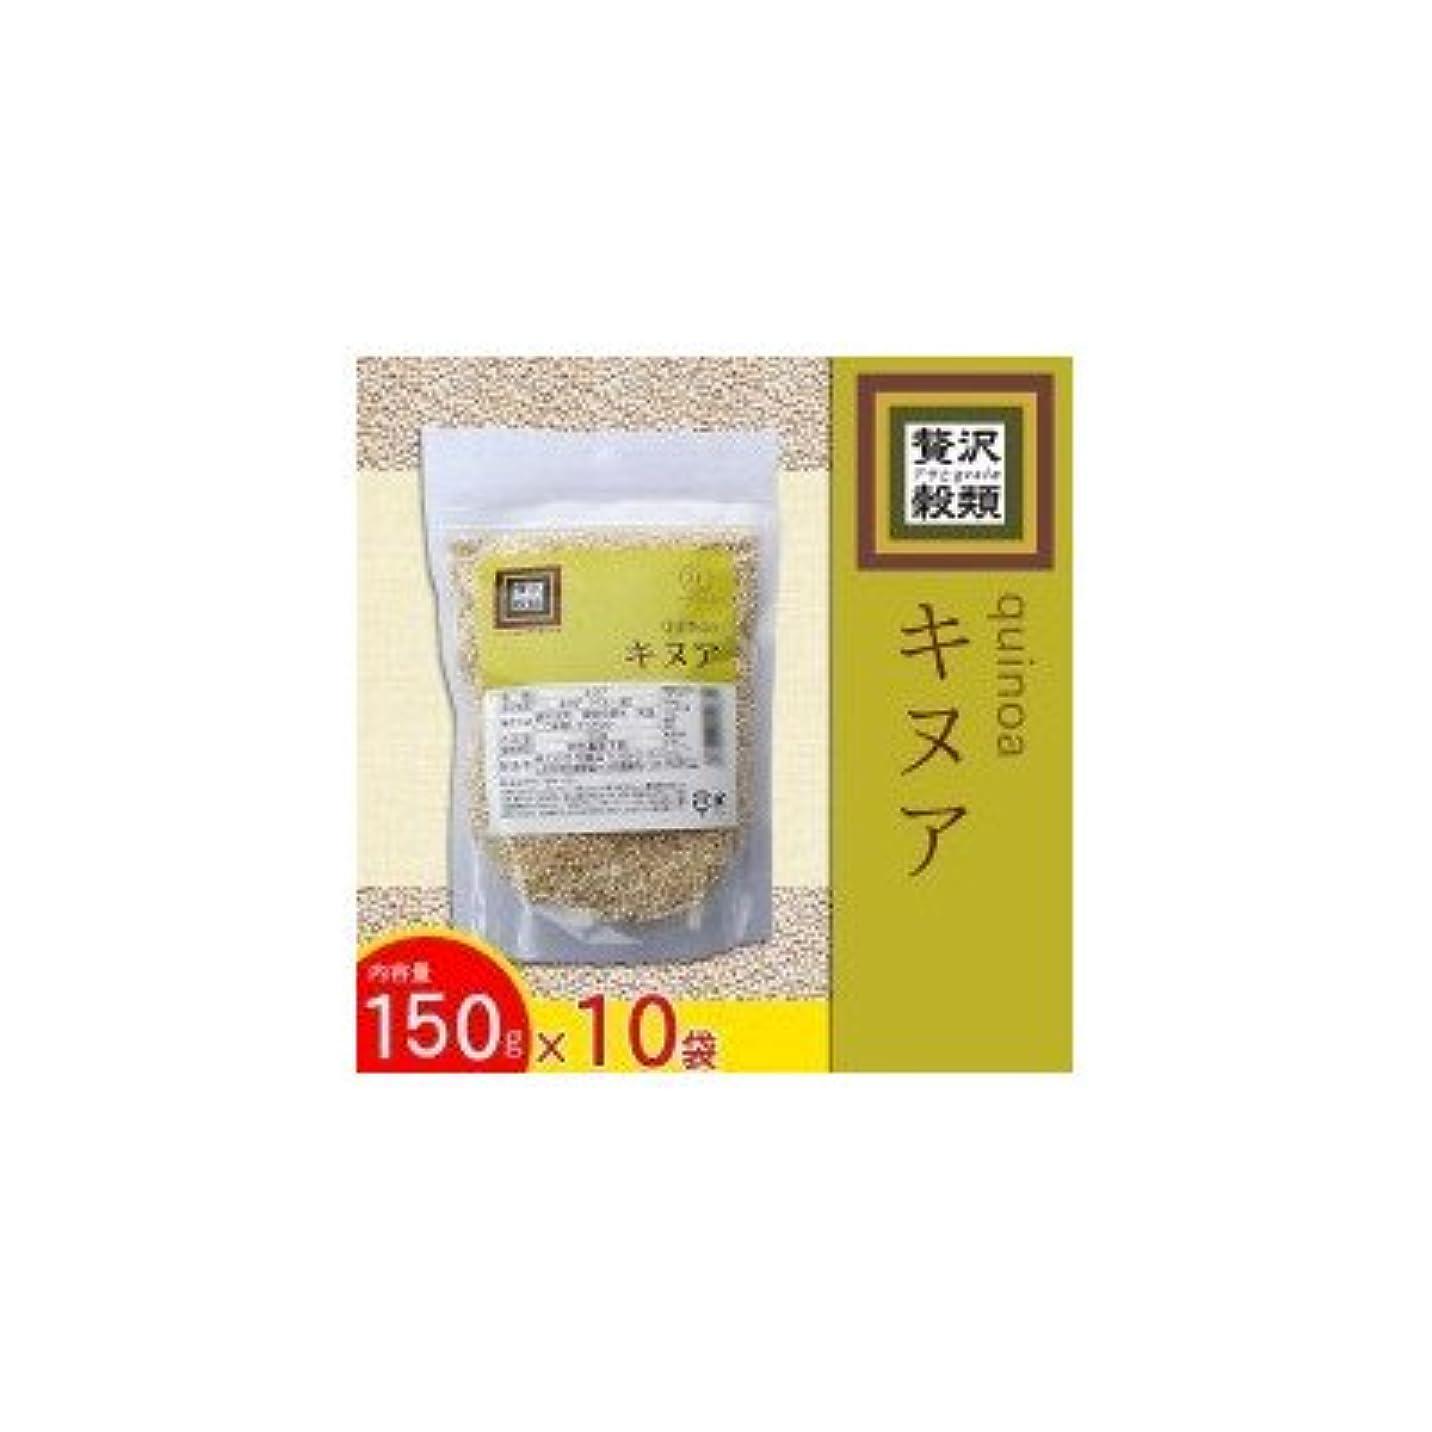 論争コールドホース贅沢穀類 キヌア 150g×10袋